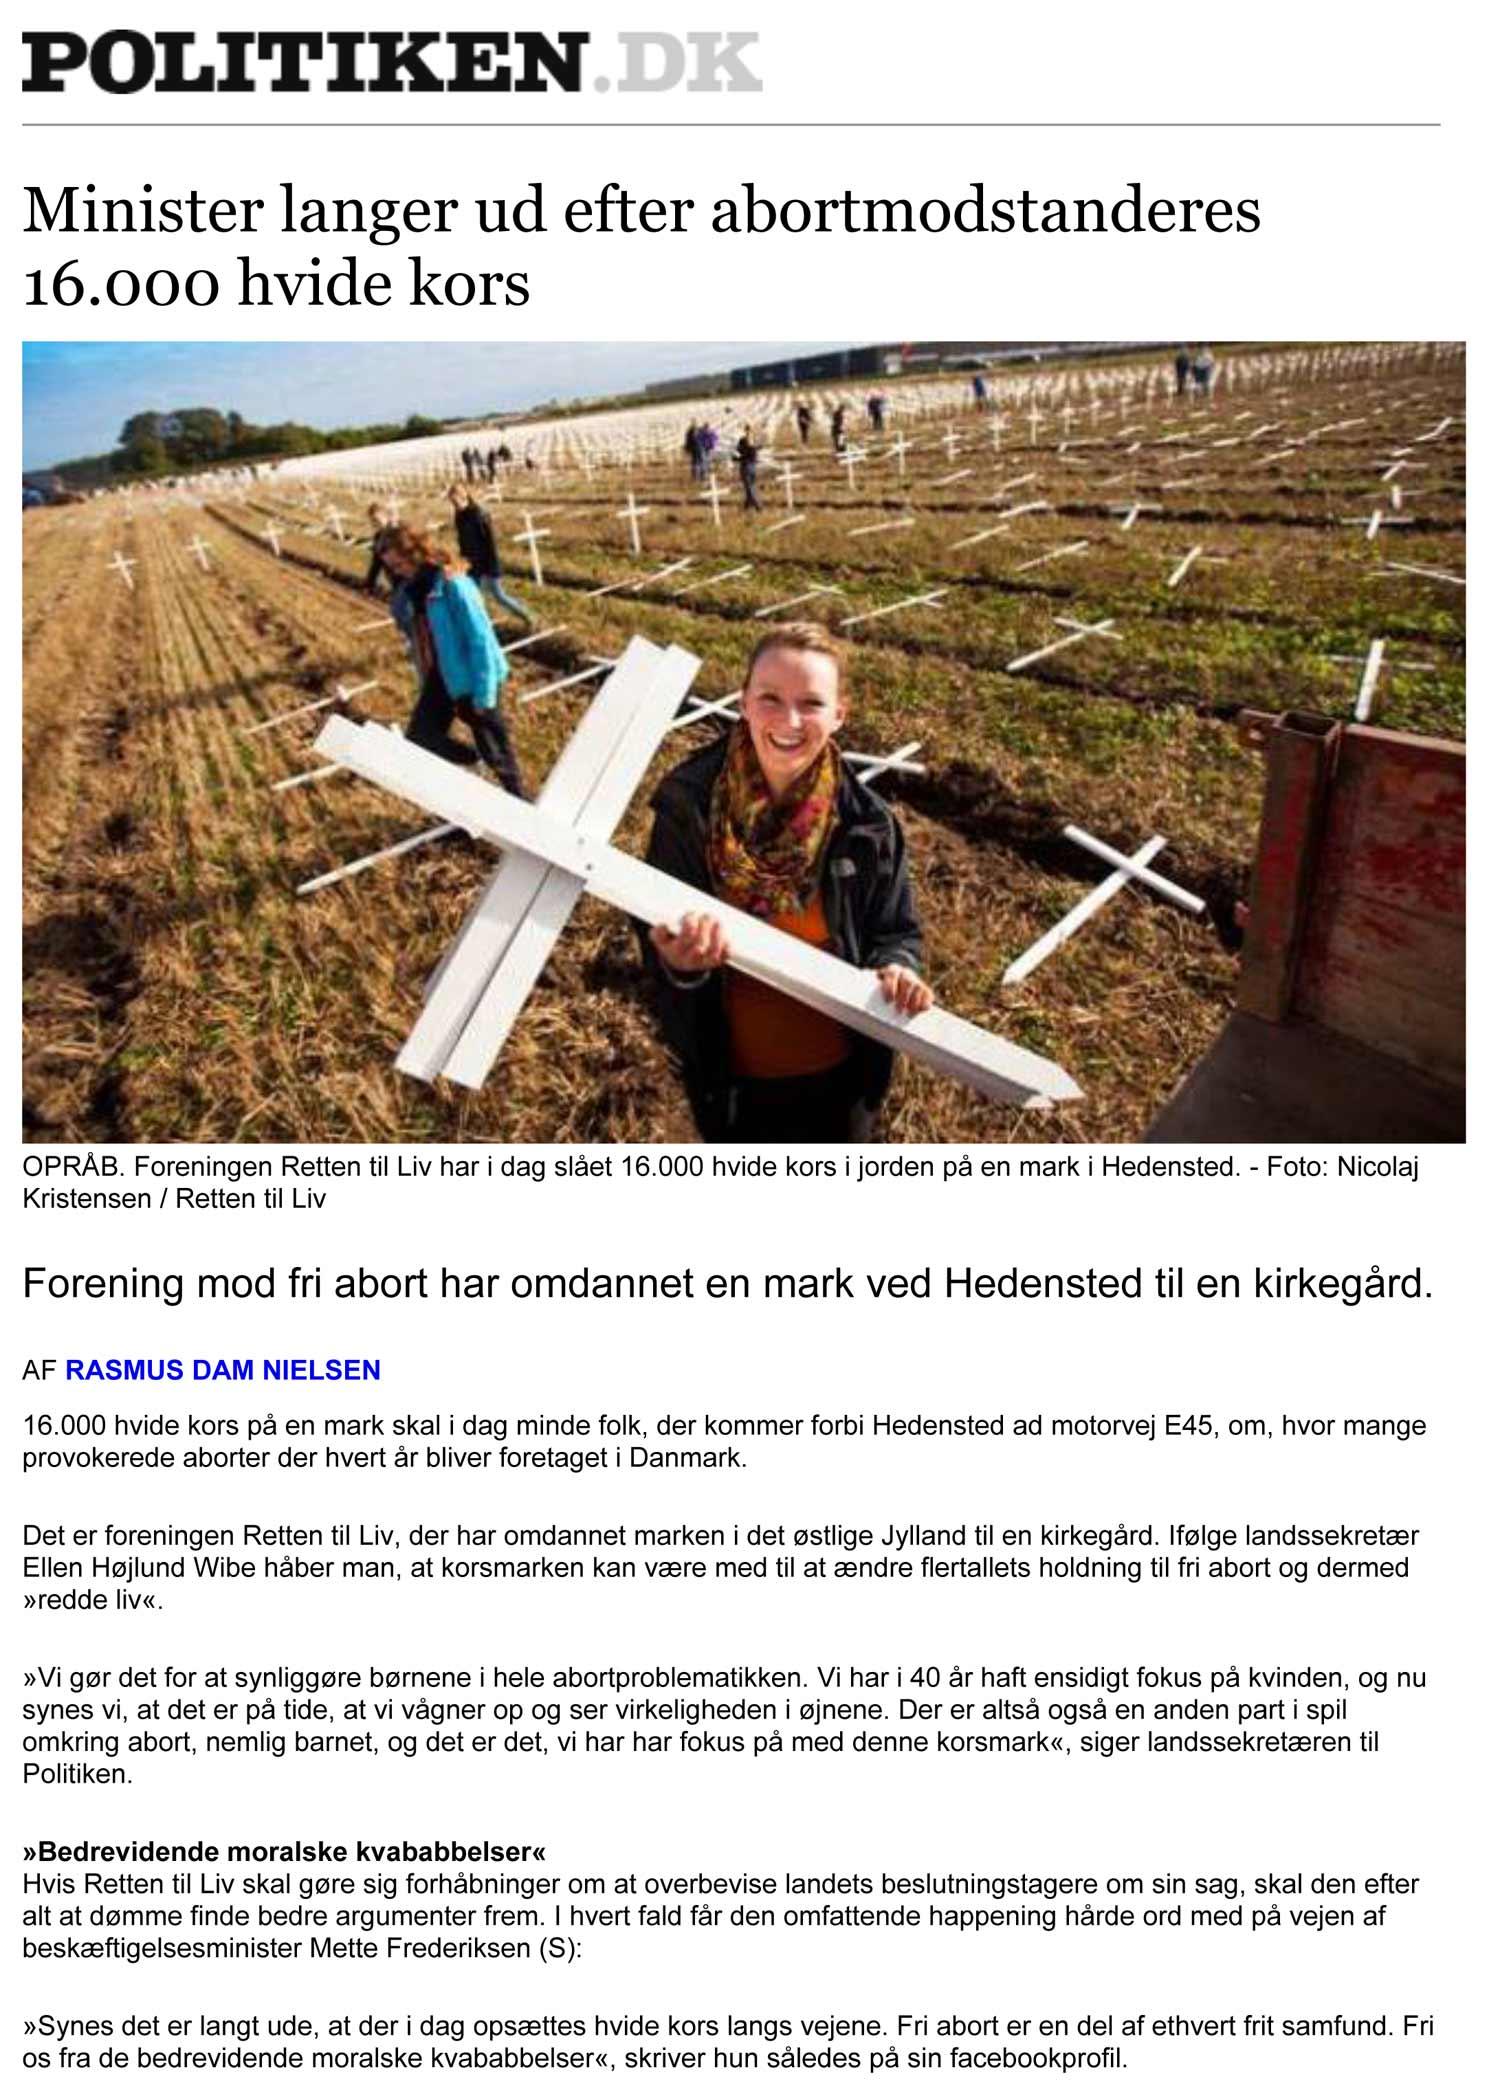 Politikken-Minister-16000-kors-abortmodstandere_web.jpg